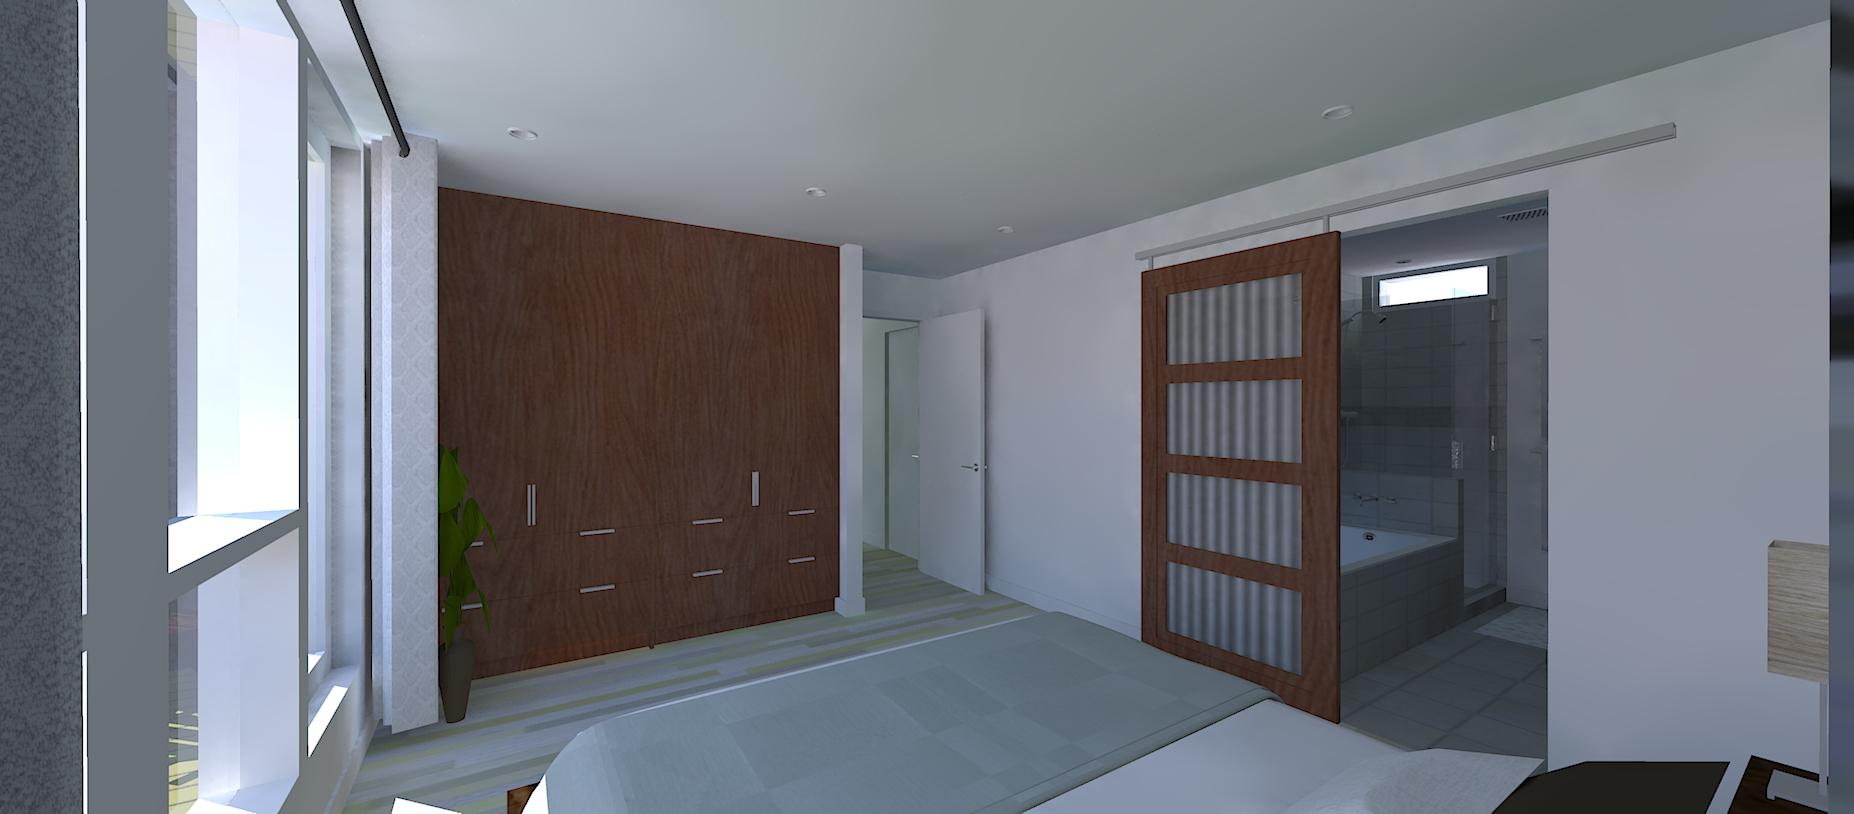 25 - Master Bedroom 2.jpg